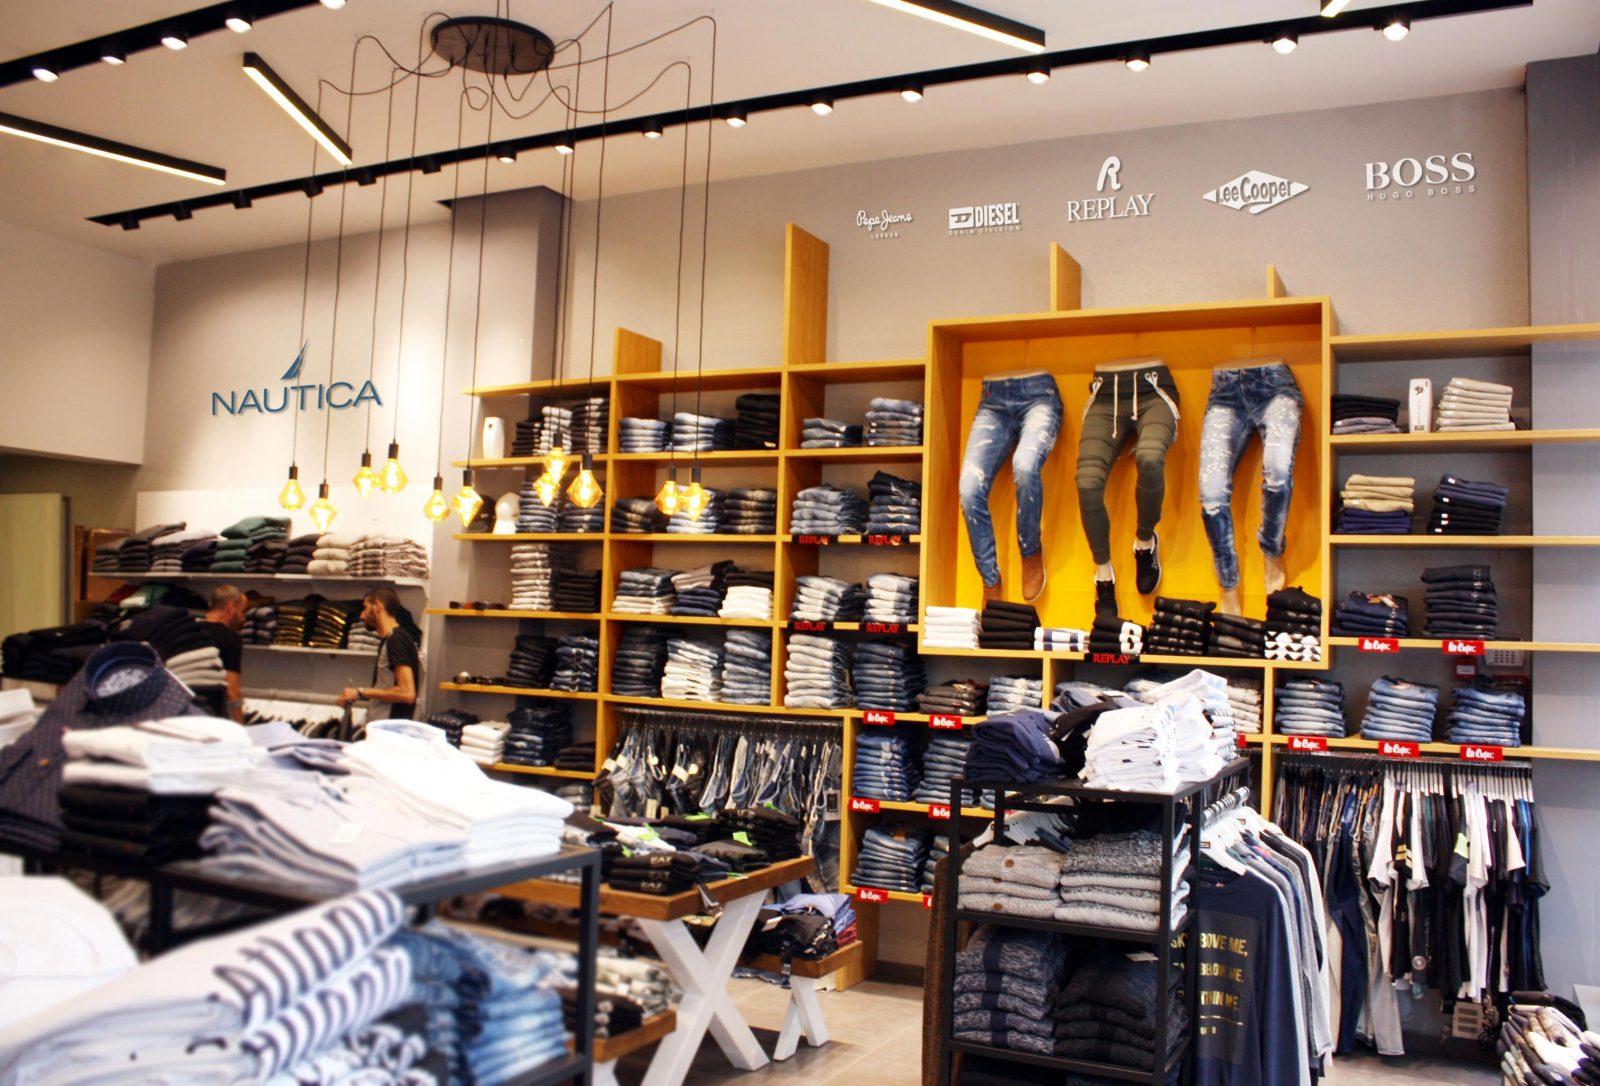 מעצב-חנויות-בגדים-ליאור-מלכה